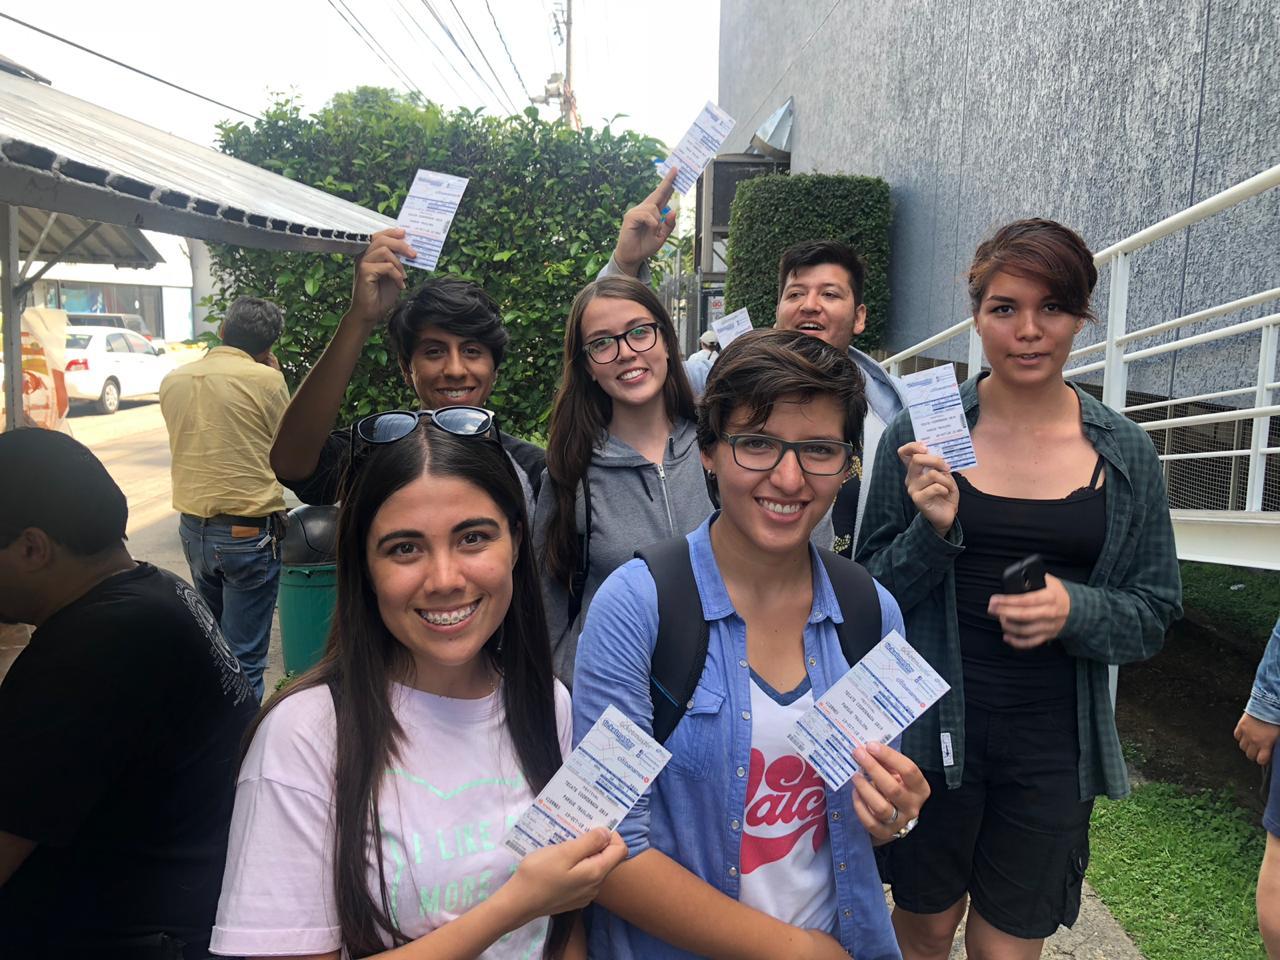 ¡Pilas, tapatíos! Habrá boletiza para Coordenada 2018 en las calles de GDL